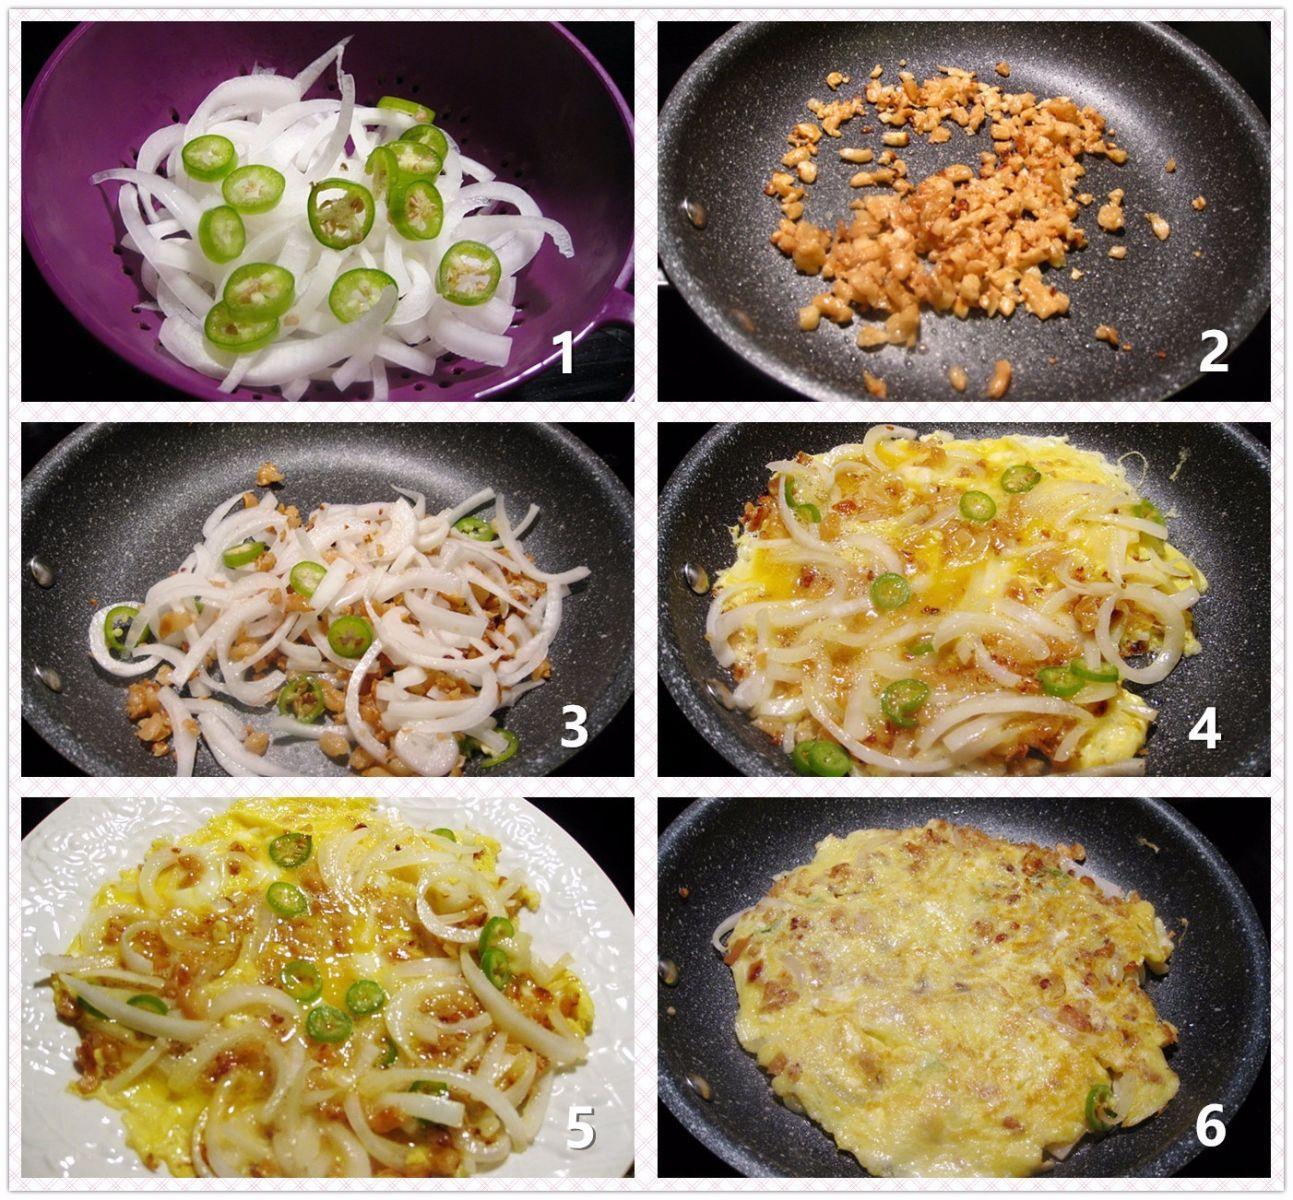 洋葱菜脯炒蛋_图1-2